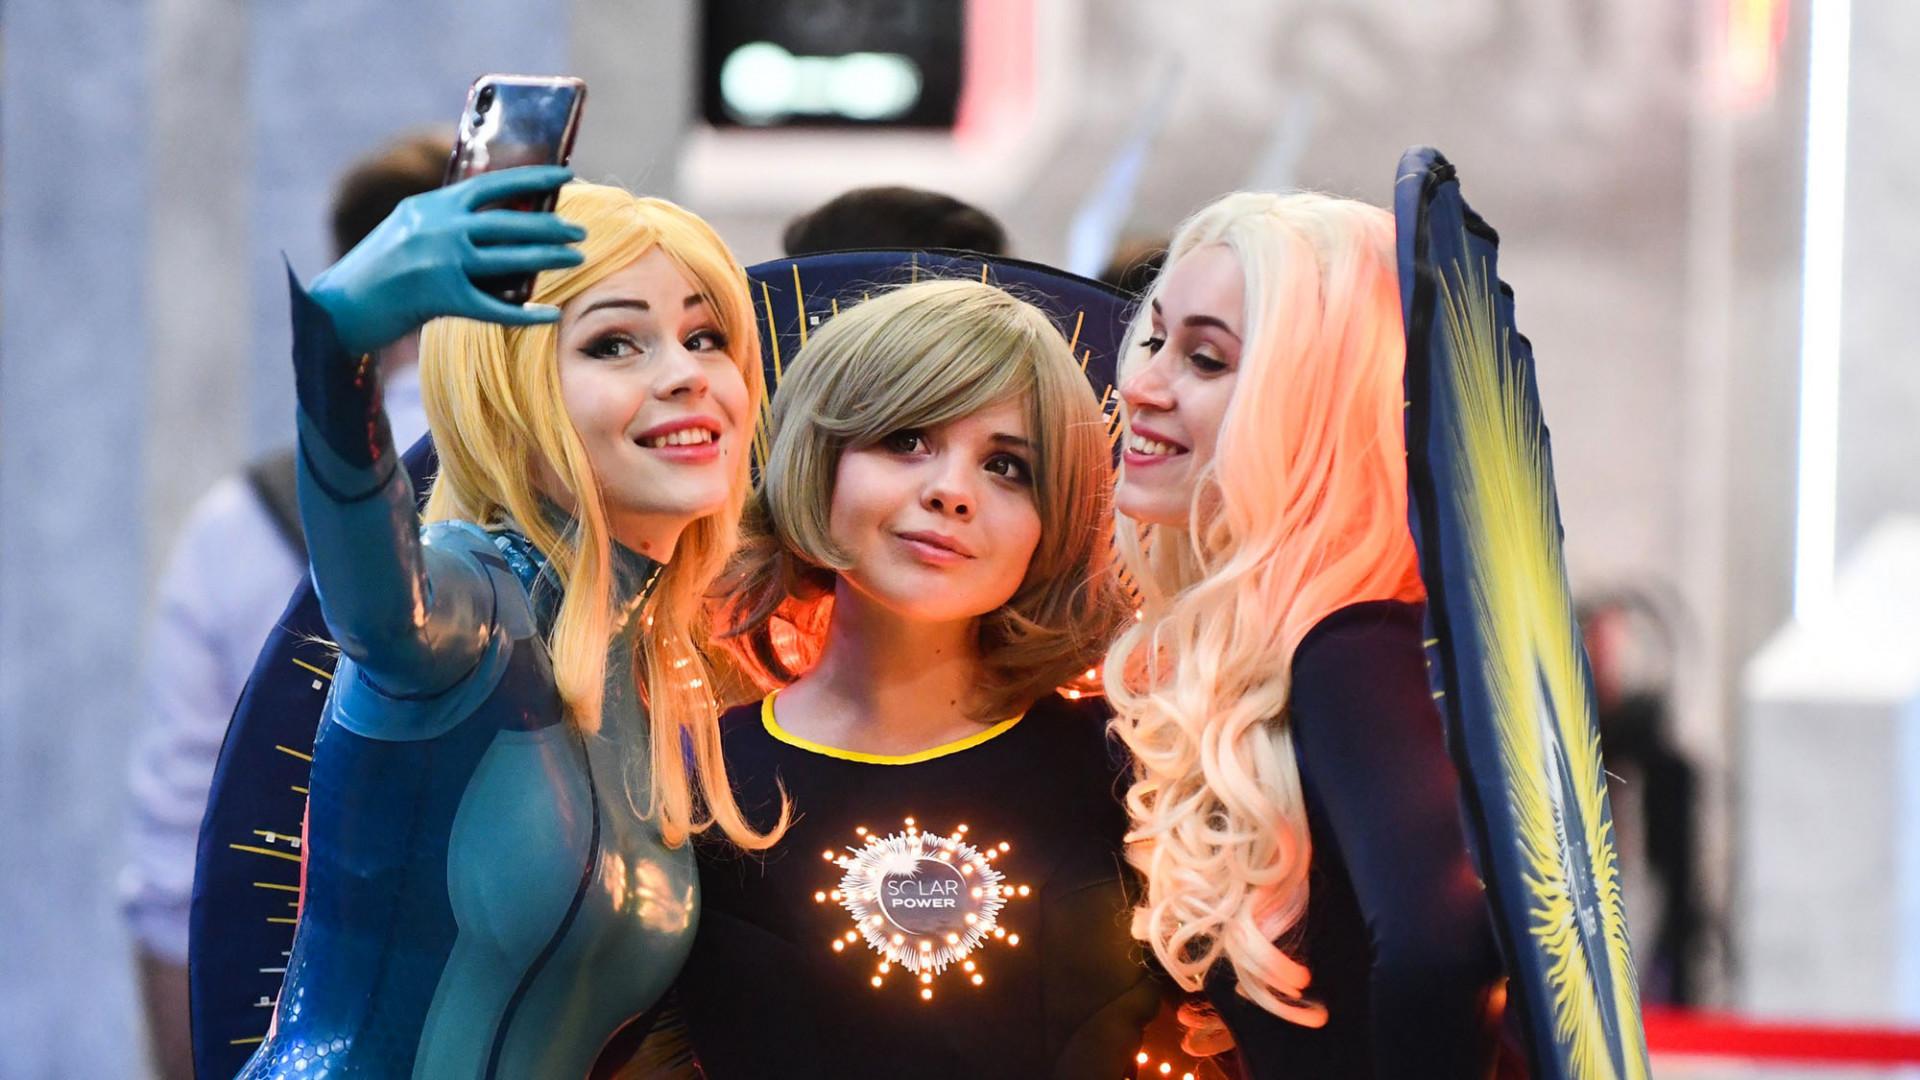 Comic-Con-k 50 urte barru lehen aldiz bertan behera utzi zuen